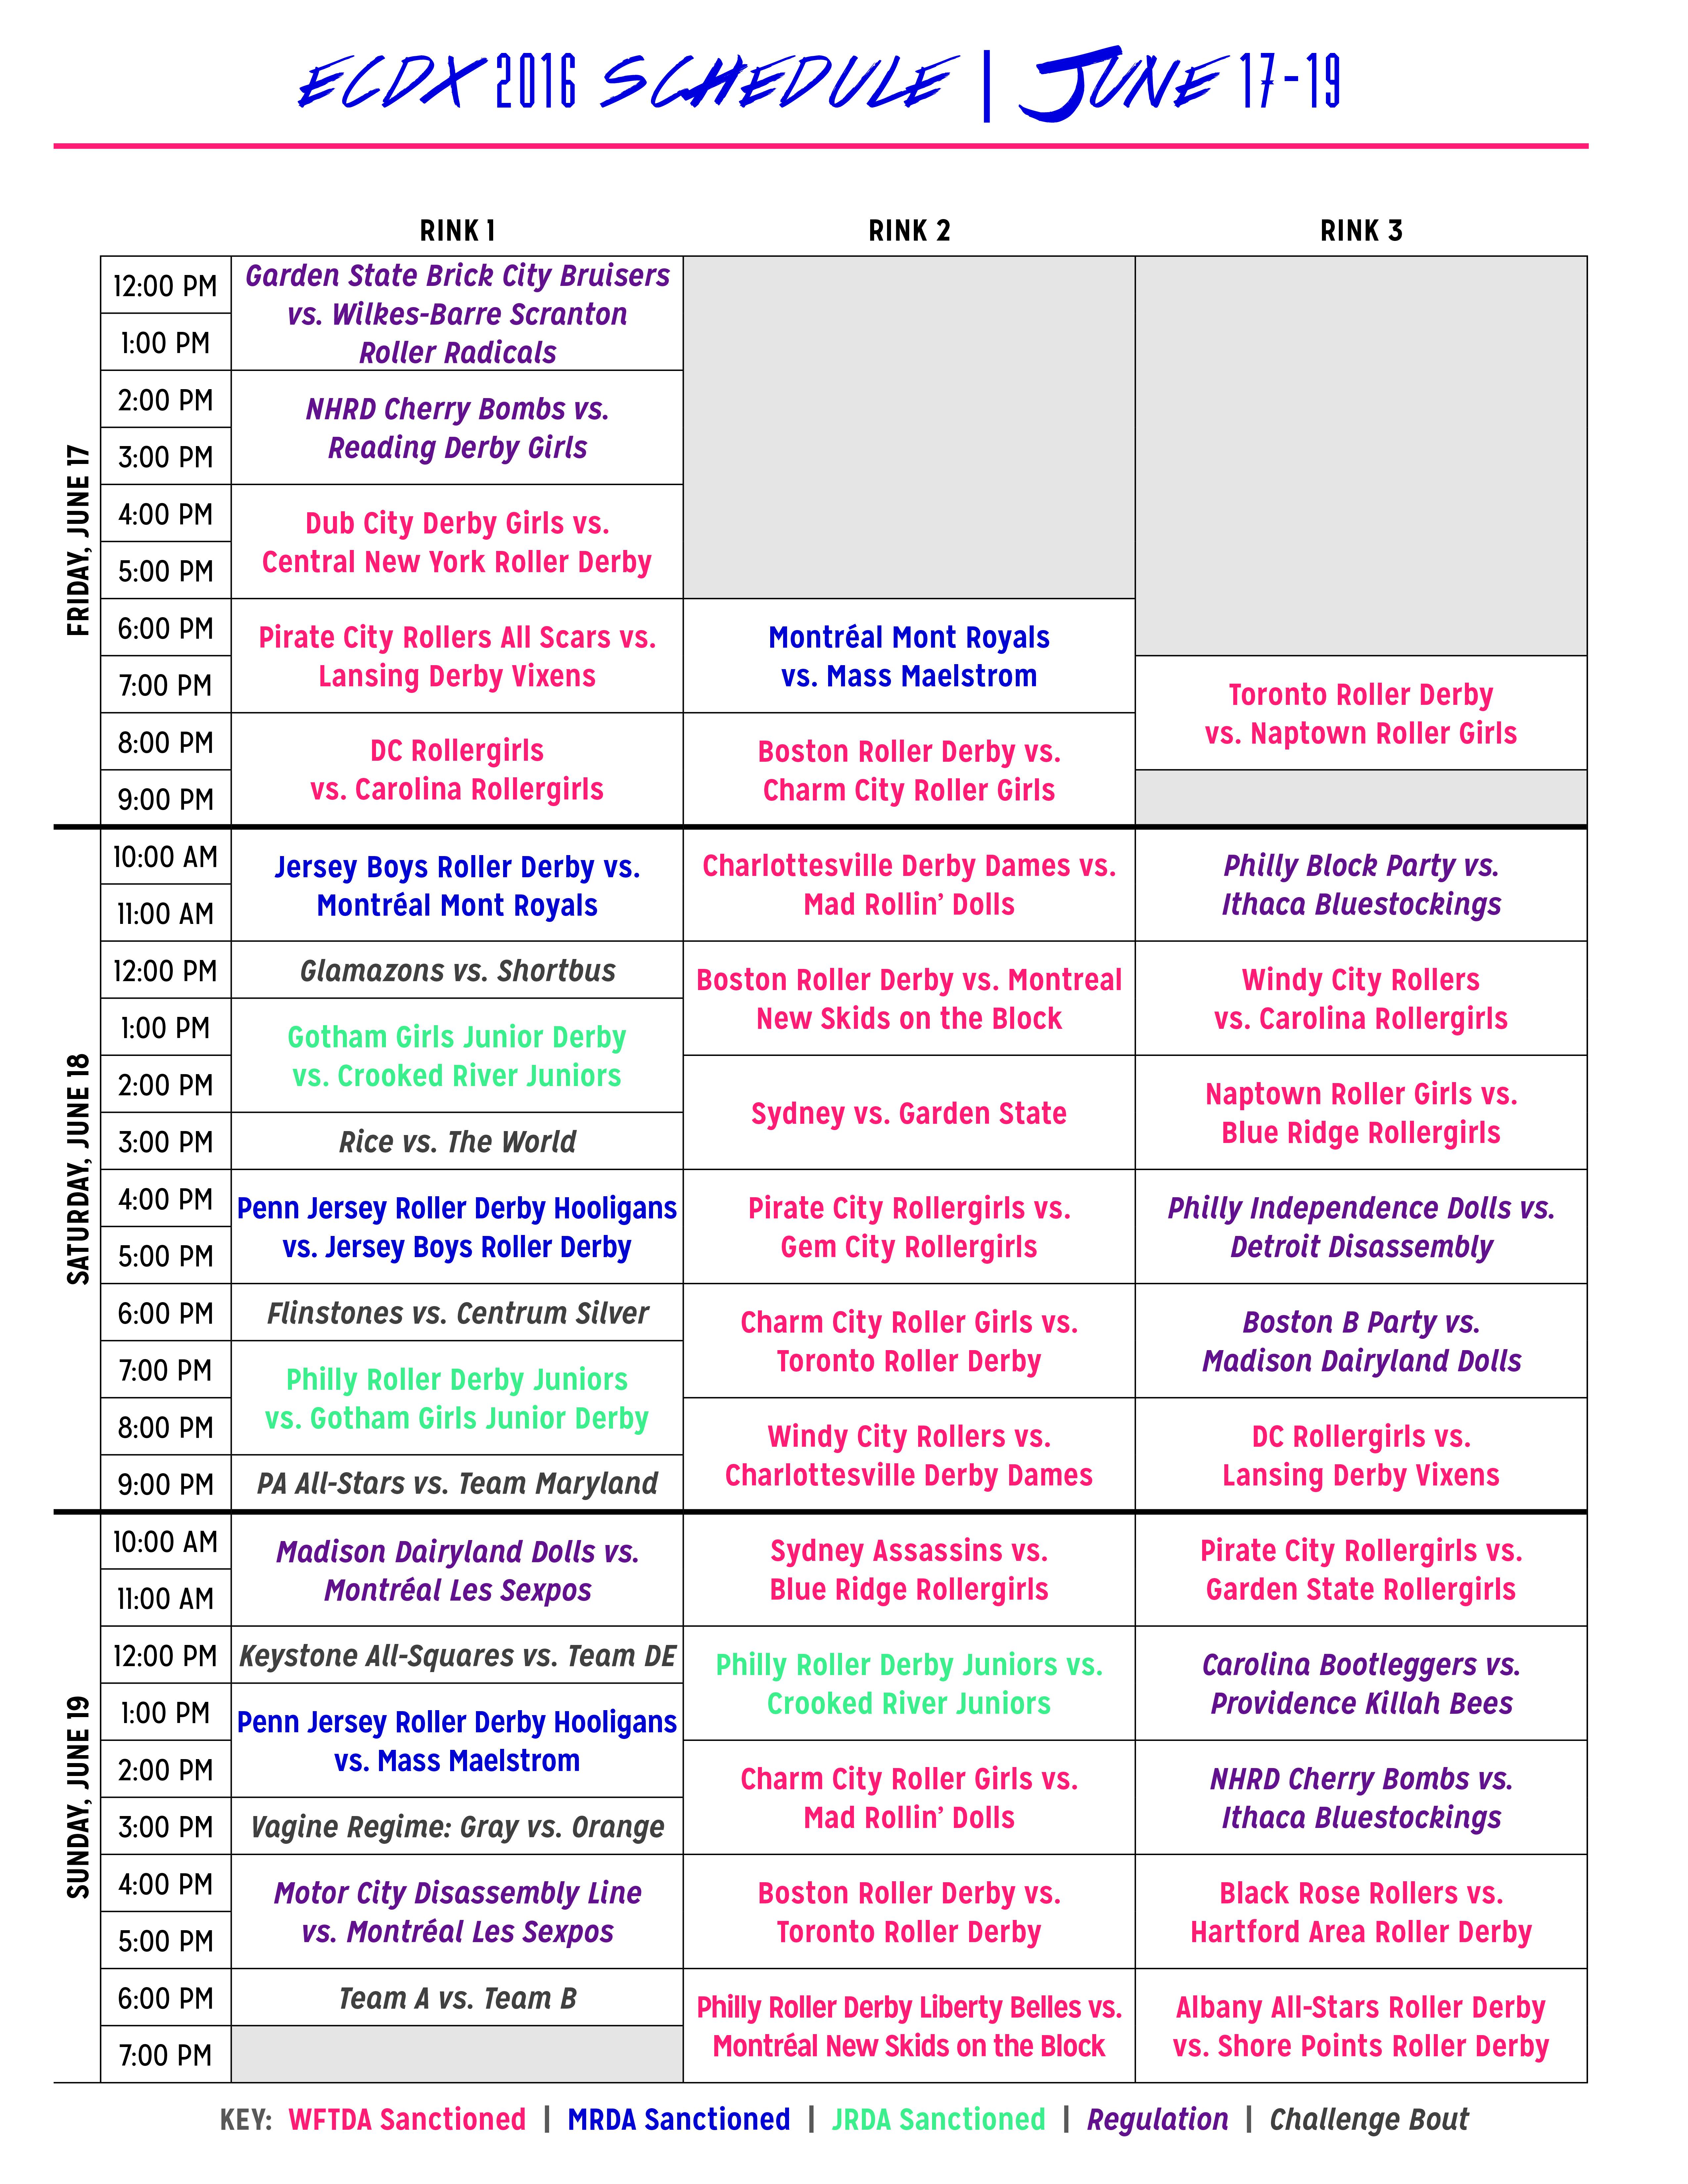 ECDX2016_schedule